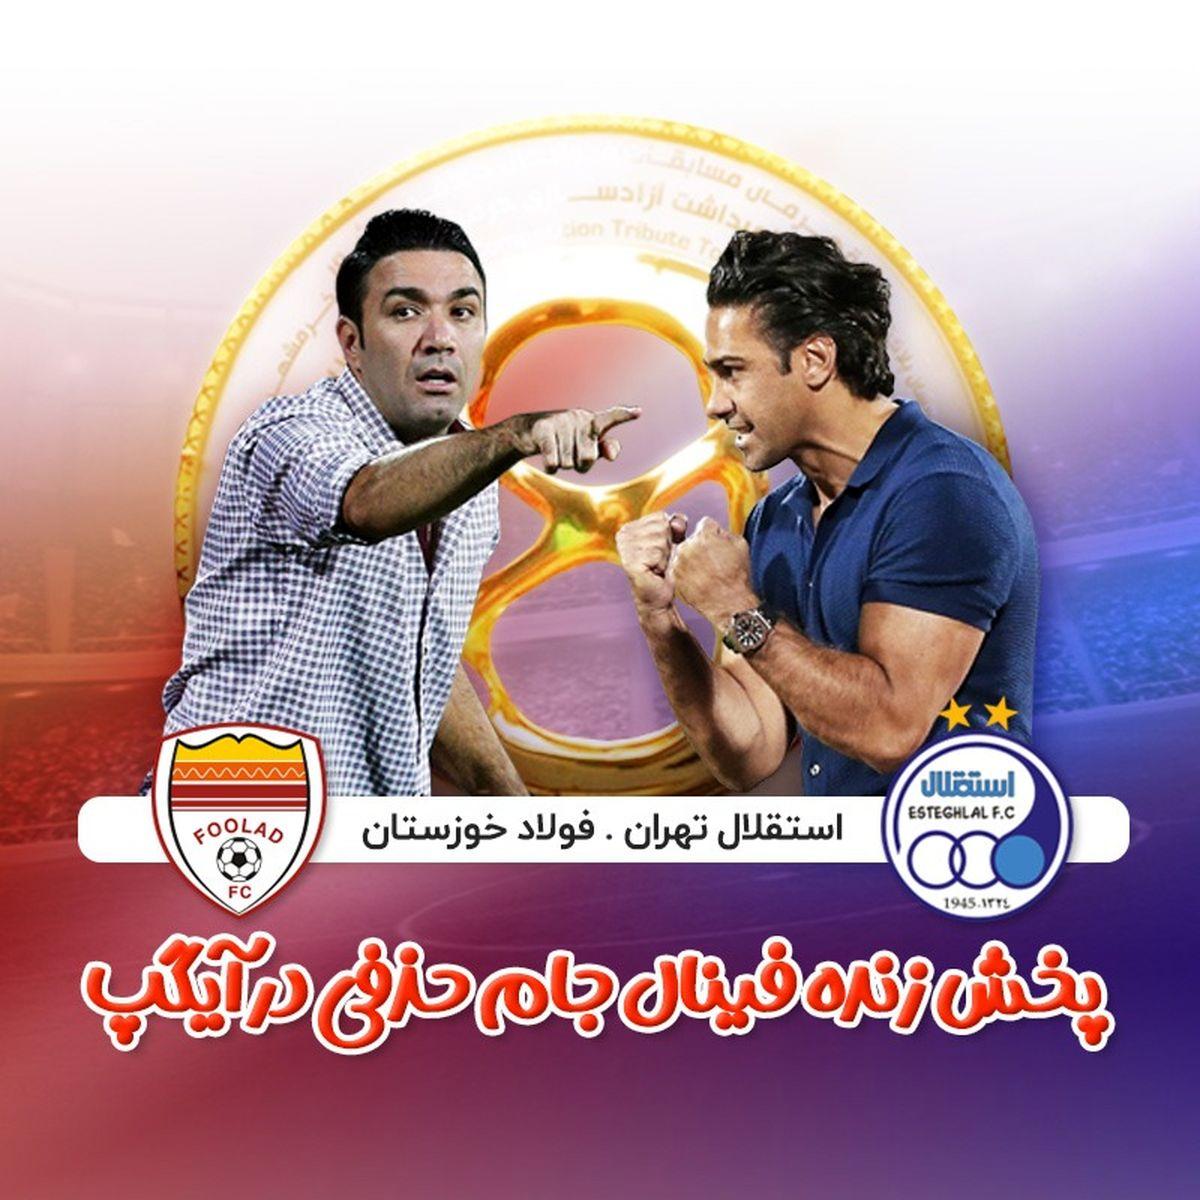 پخش زنده فینال جام حذفی از آیگپ